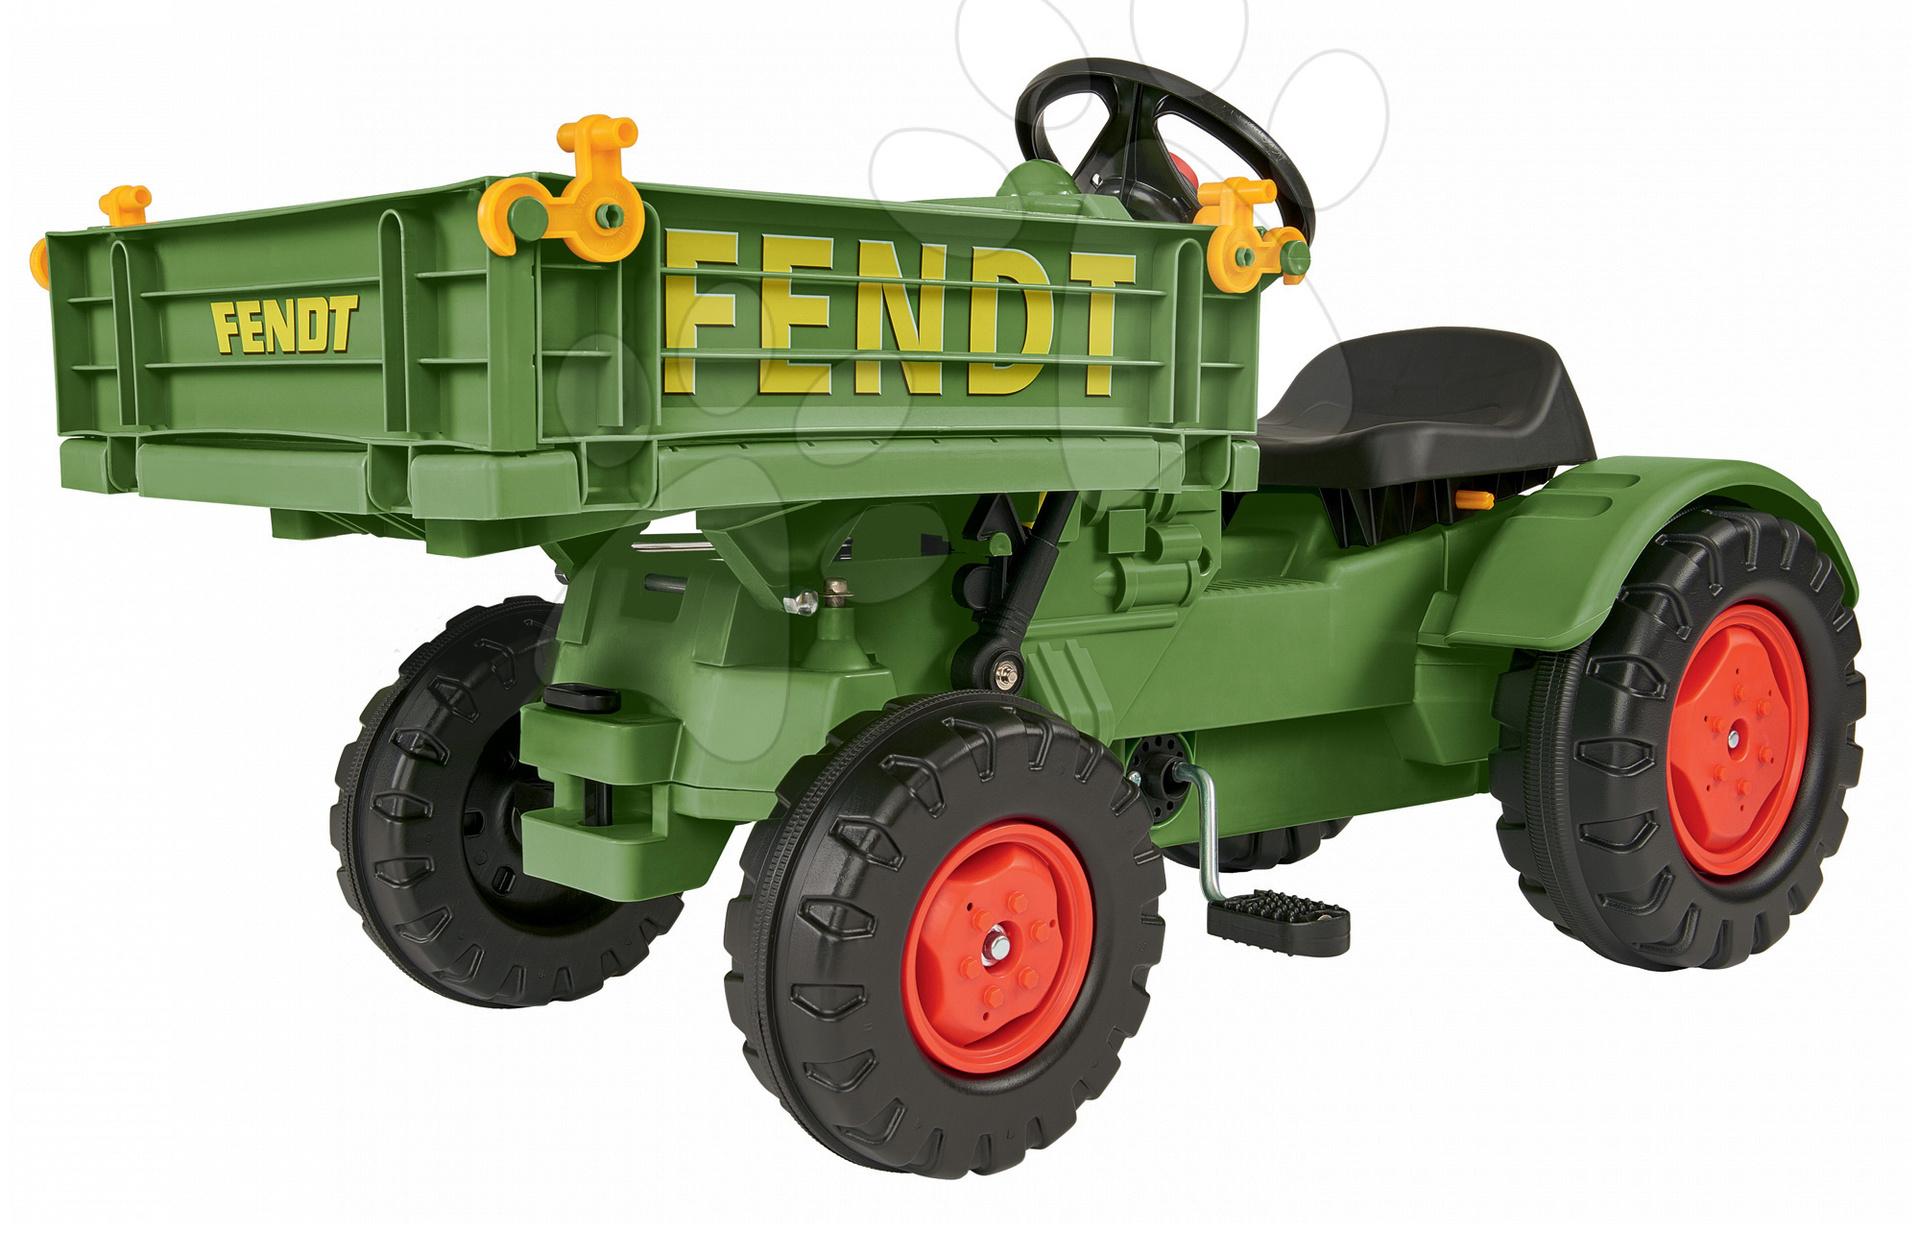 Detské šliapacie vozidlá - Traktor na šliapanie Fendt BIG s vyklápačkou a klaksónom zelený